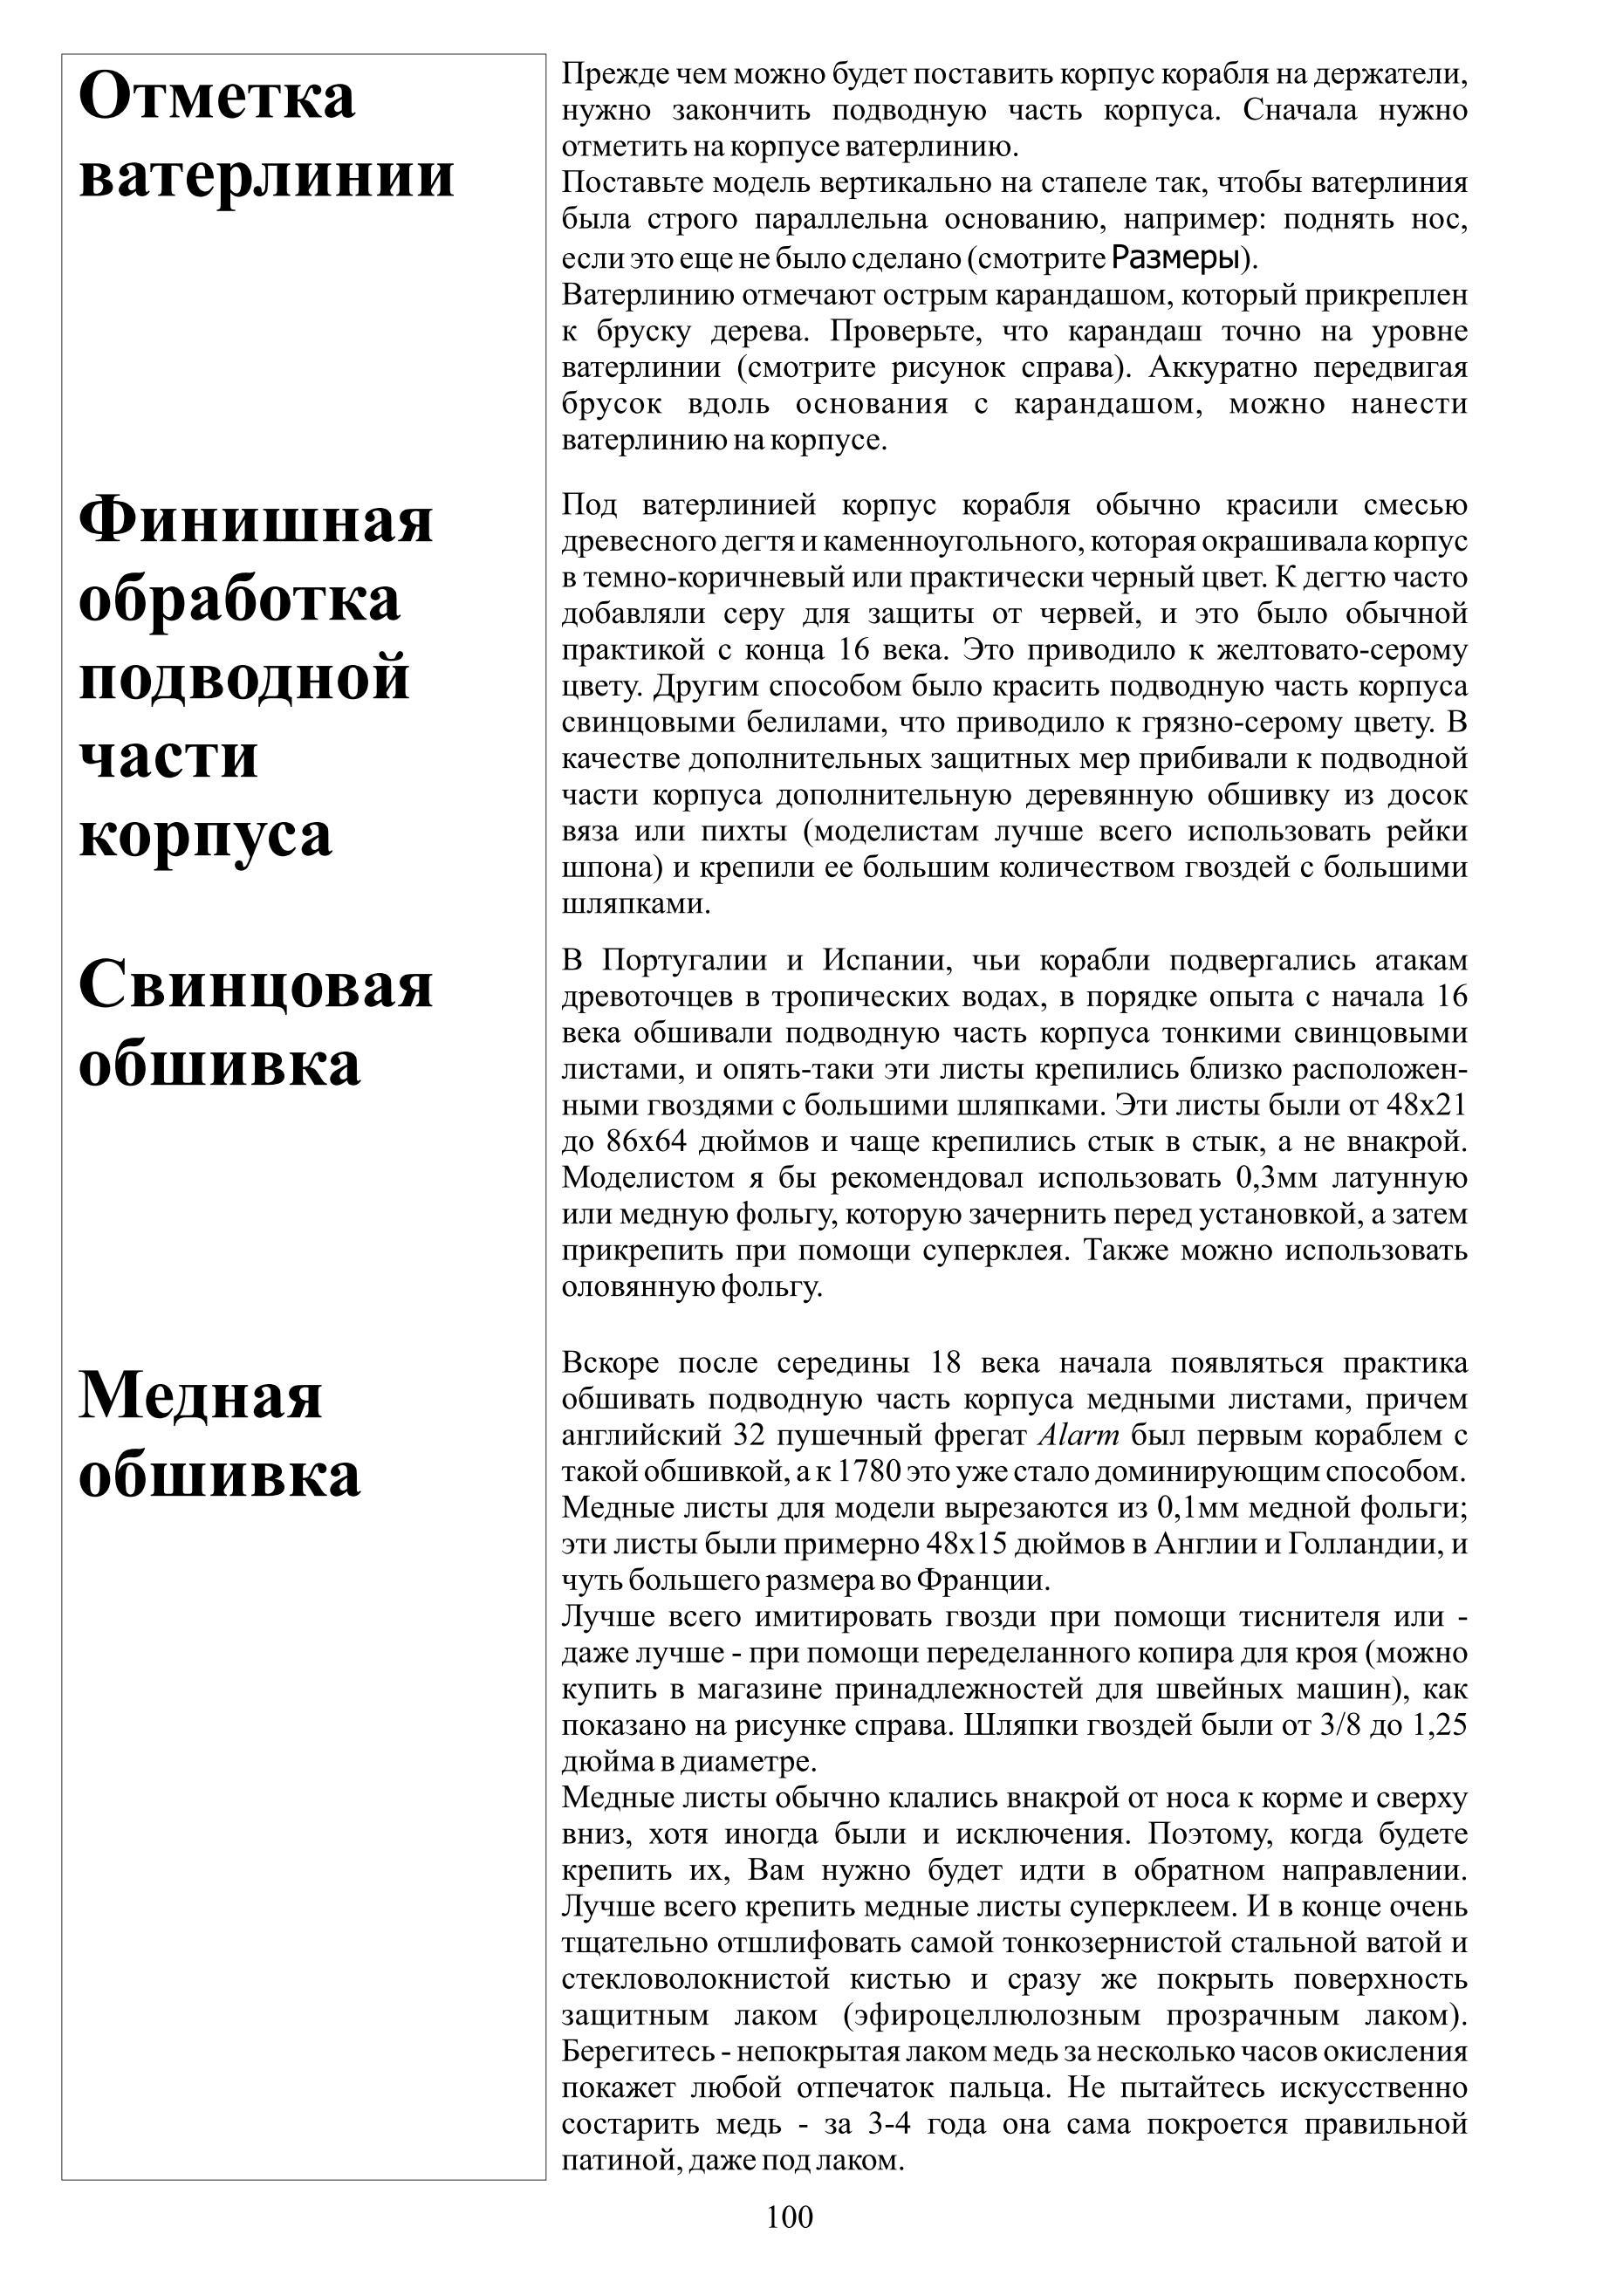 http://sa.uploads.ru/7mkAv.jpg